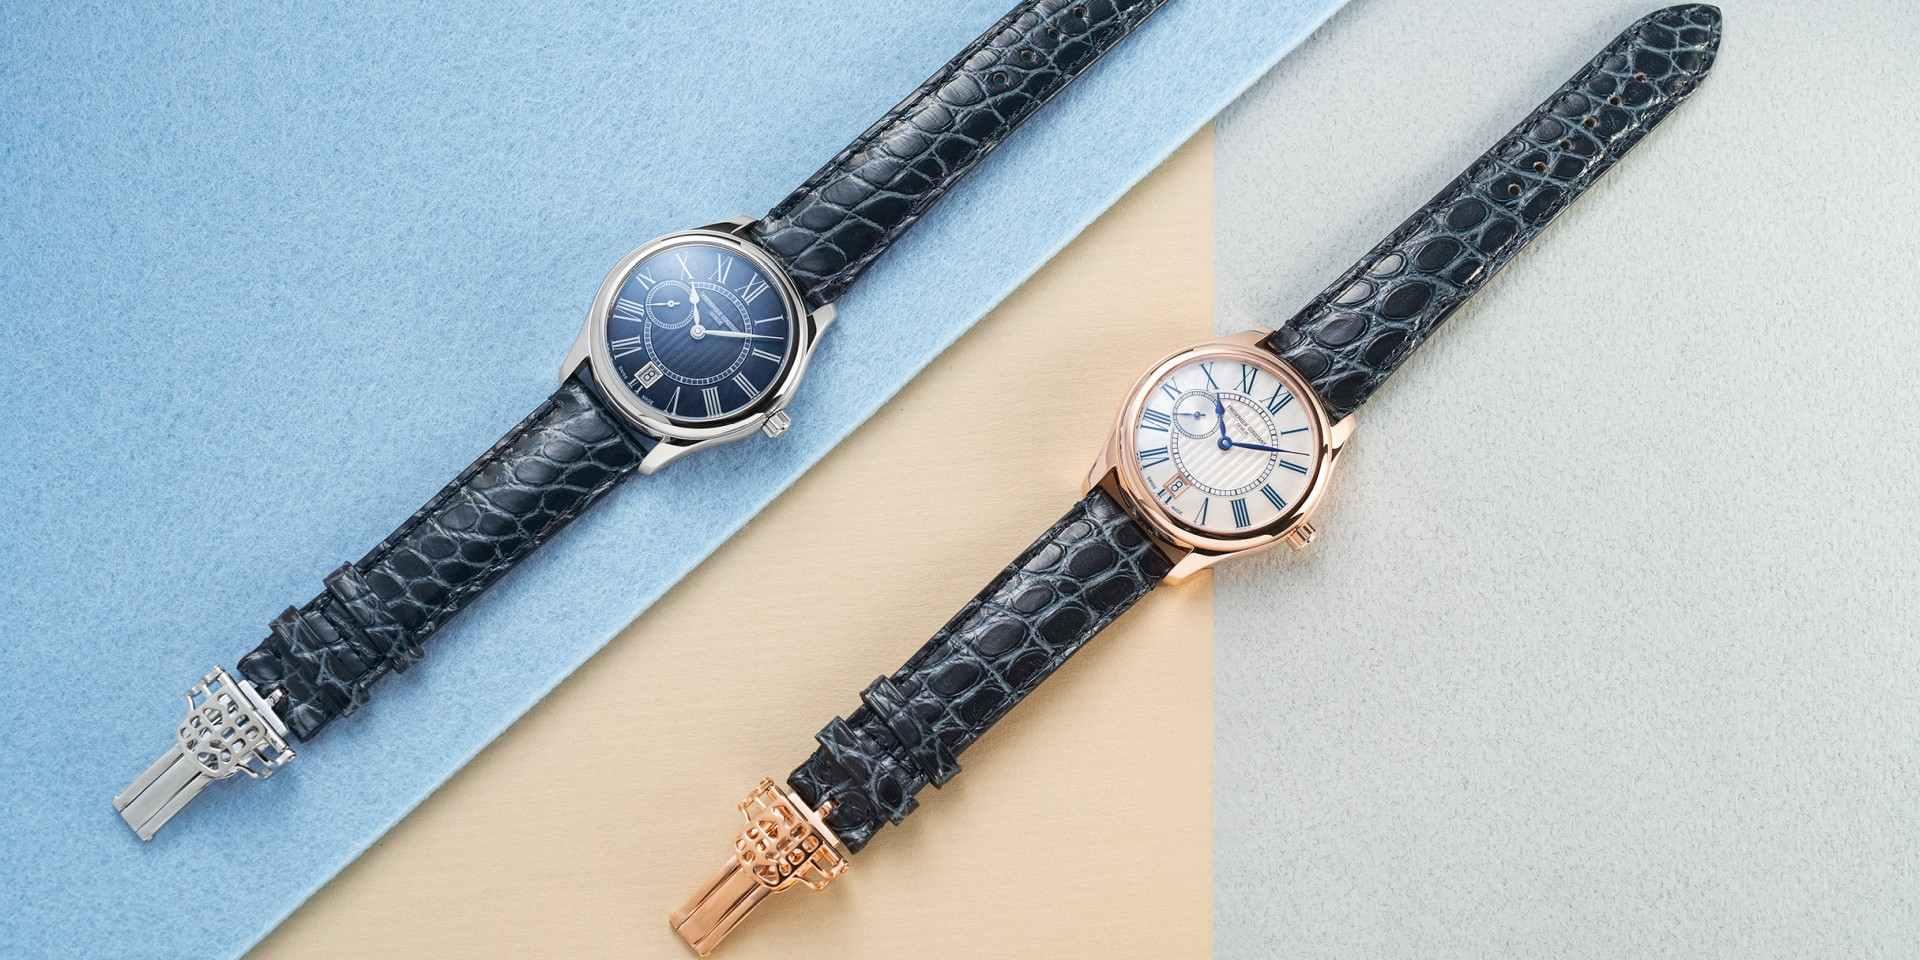 讓眼光多停留幾秒:Frederique Constant康斯登發表全新Ladies Automatic小秒針腕錶